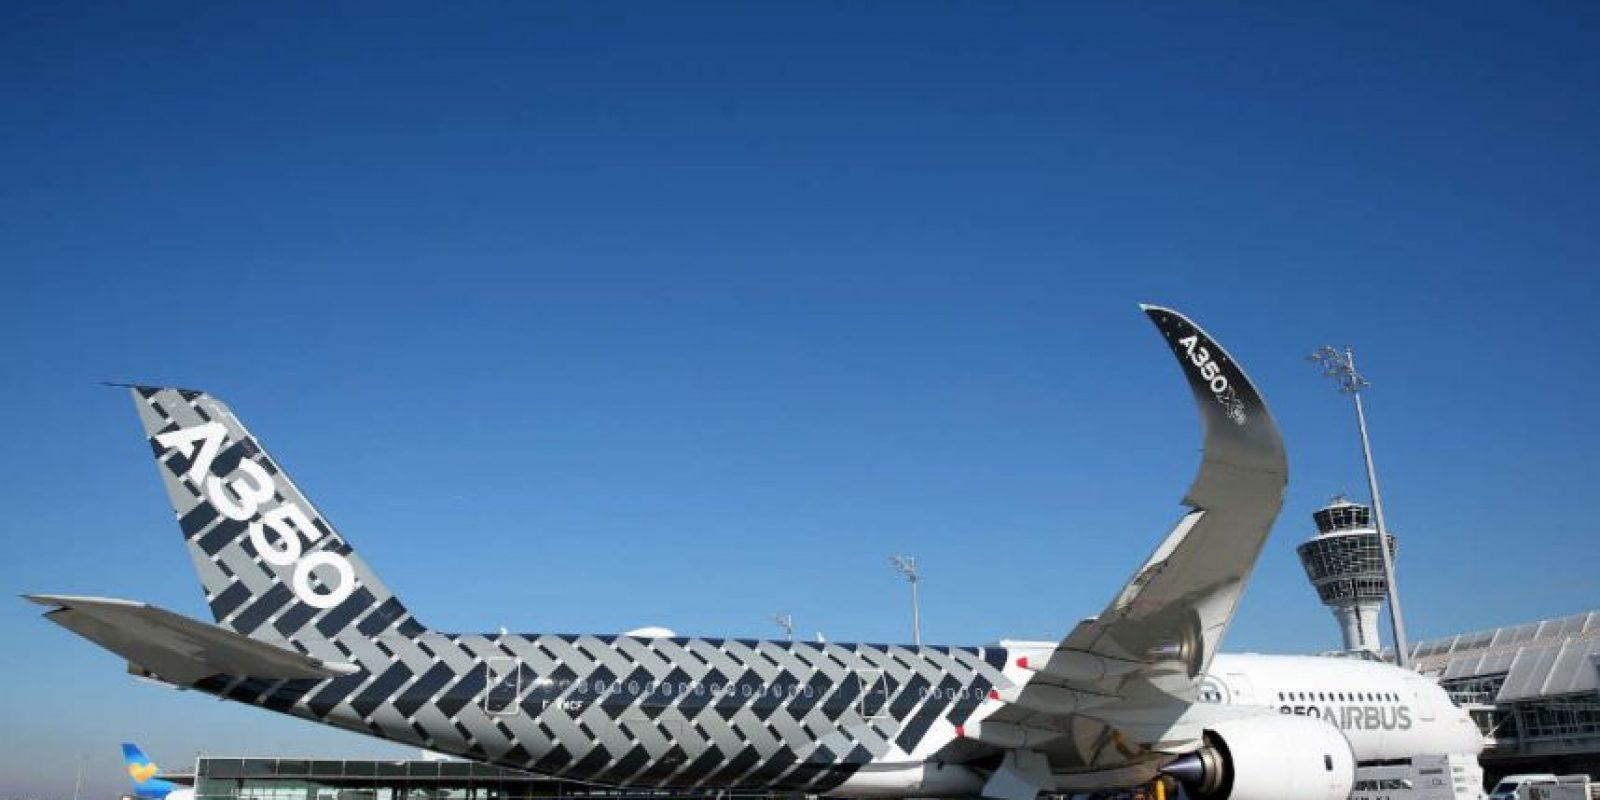 Este modelo ha causado sensación en las aerolíneas internacionales por su tamaño y clase. Las aerolíneas más importantes del mundo ya han ordenado el suyo. Foto:Getty Images. Imagen Por: